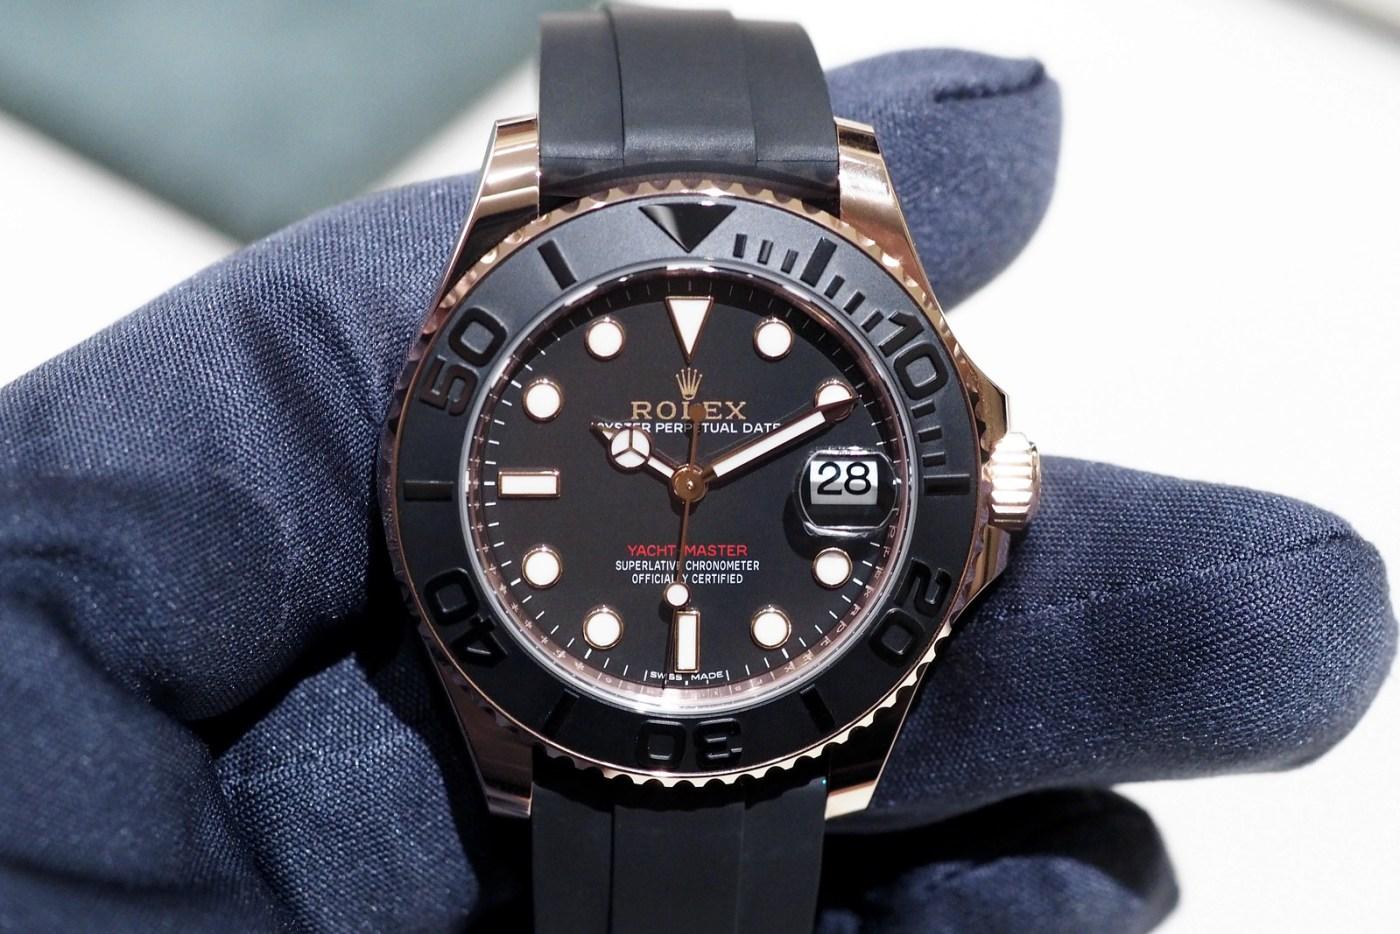 Rolex Yacht Master Everose Gold gloveshot